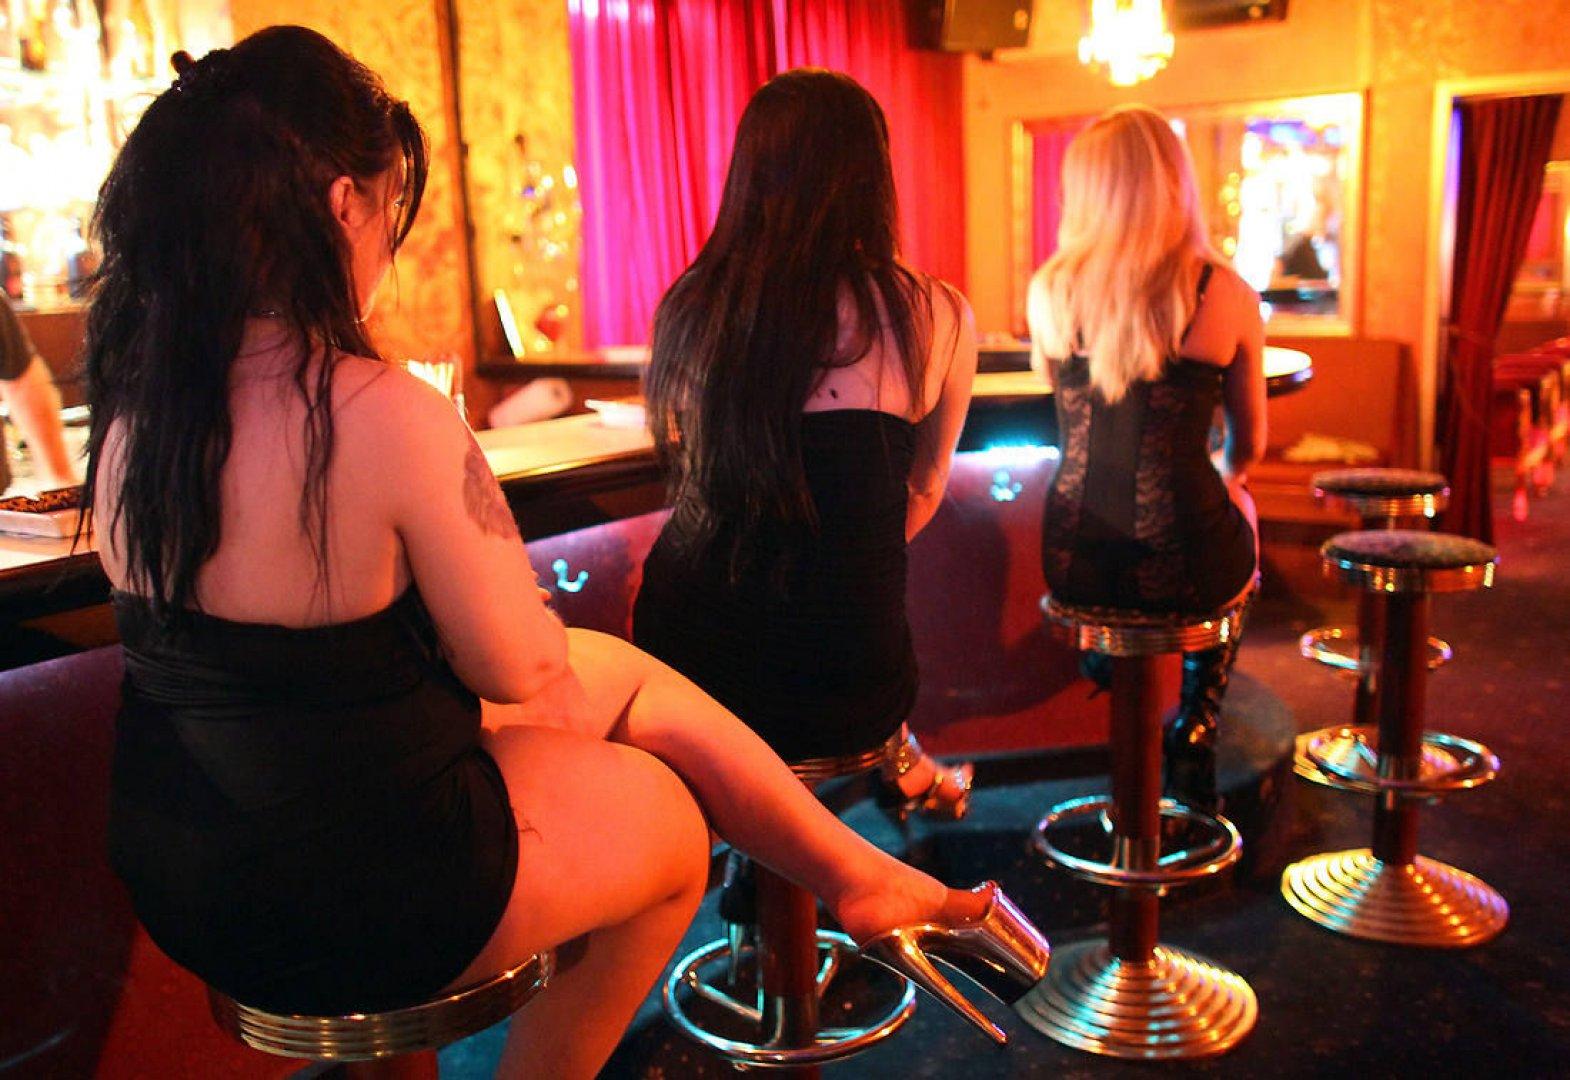 Шлюхи на ночь дешево, Дешевые проститутки Москвы - снять блядь, путану 31 фотография